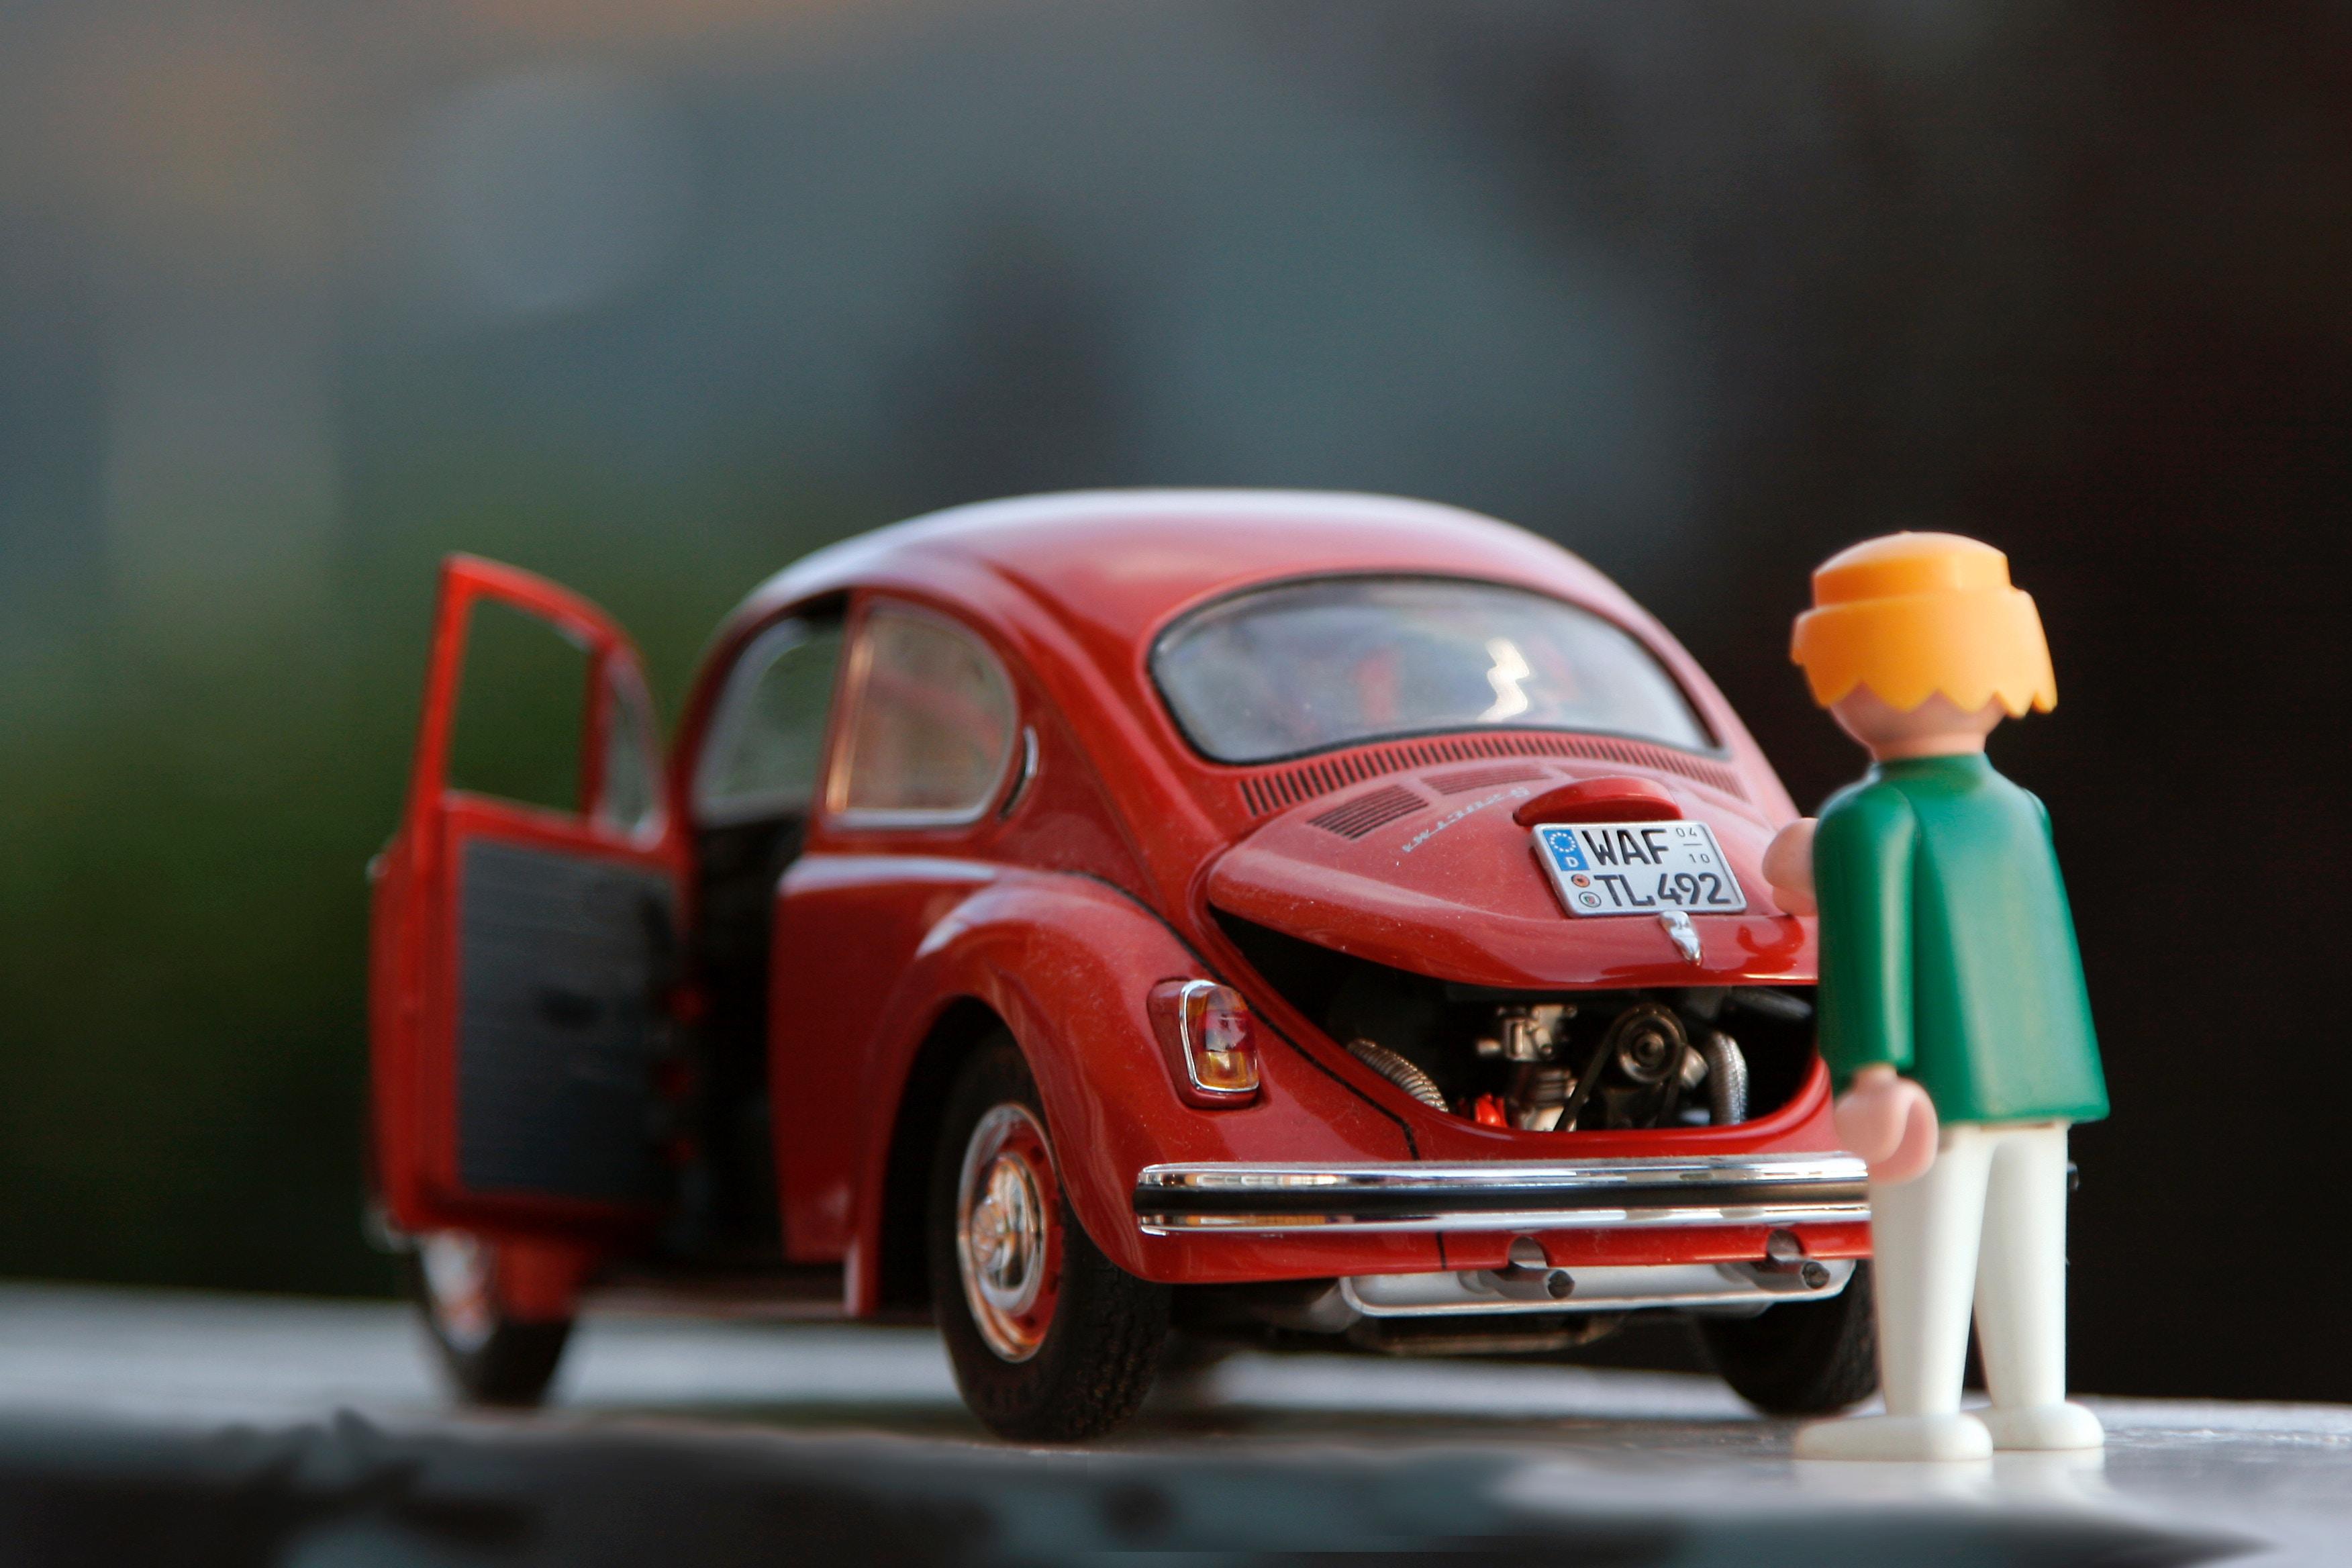 This Service Advisor fixes a car needing repair